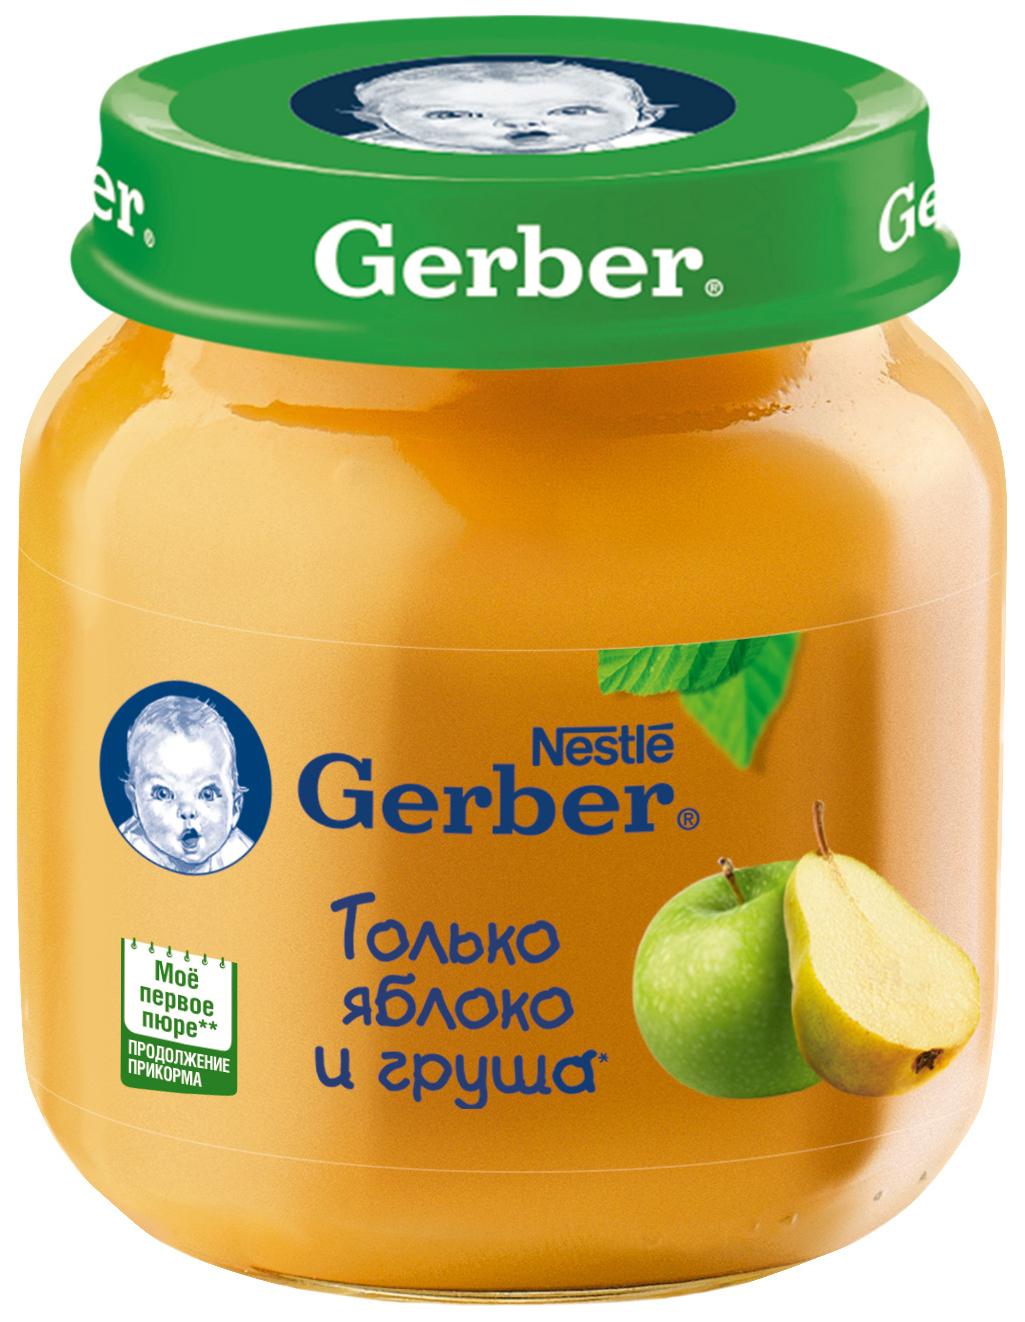 Купить Яблоко и груша, Пюре фруктовое Gerber Только яблоко и груша с 5 мес. 130 г, Фруктовое пюре